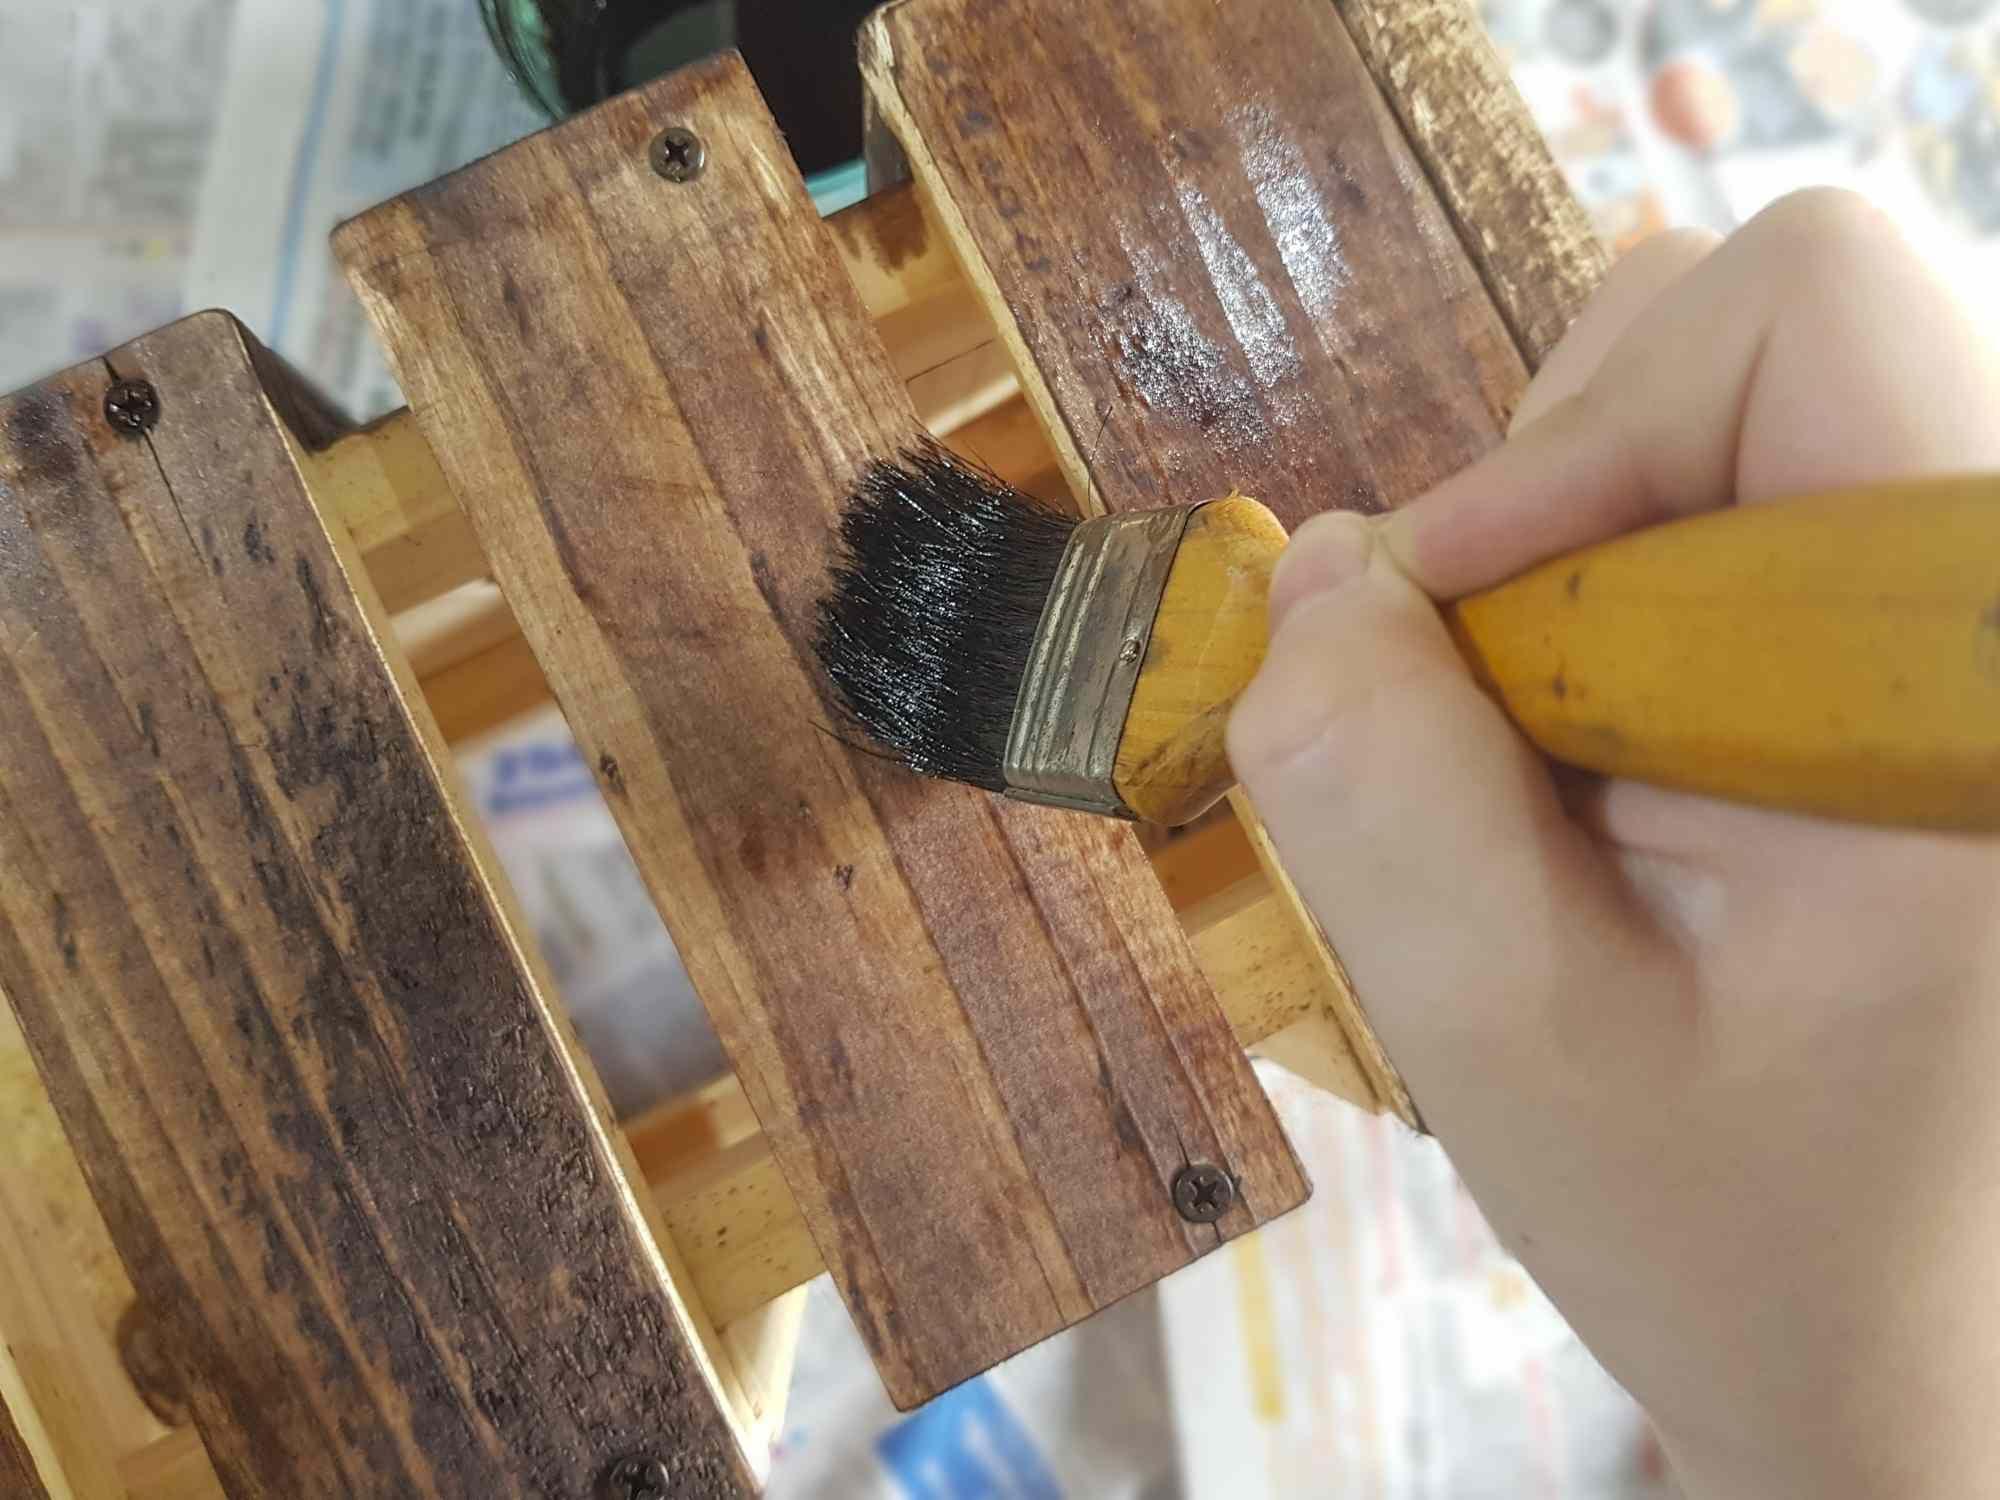 Barnizar Un Mueble De Madera Paso A Paso Cedar Furniture Staining Cedar Wood Staining Wood